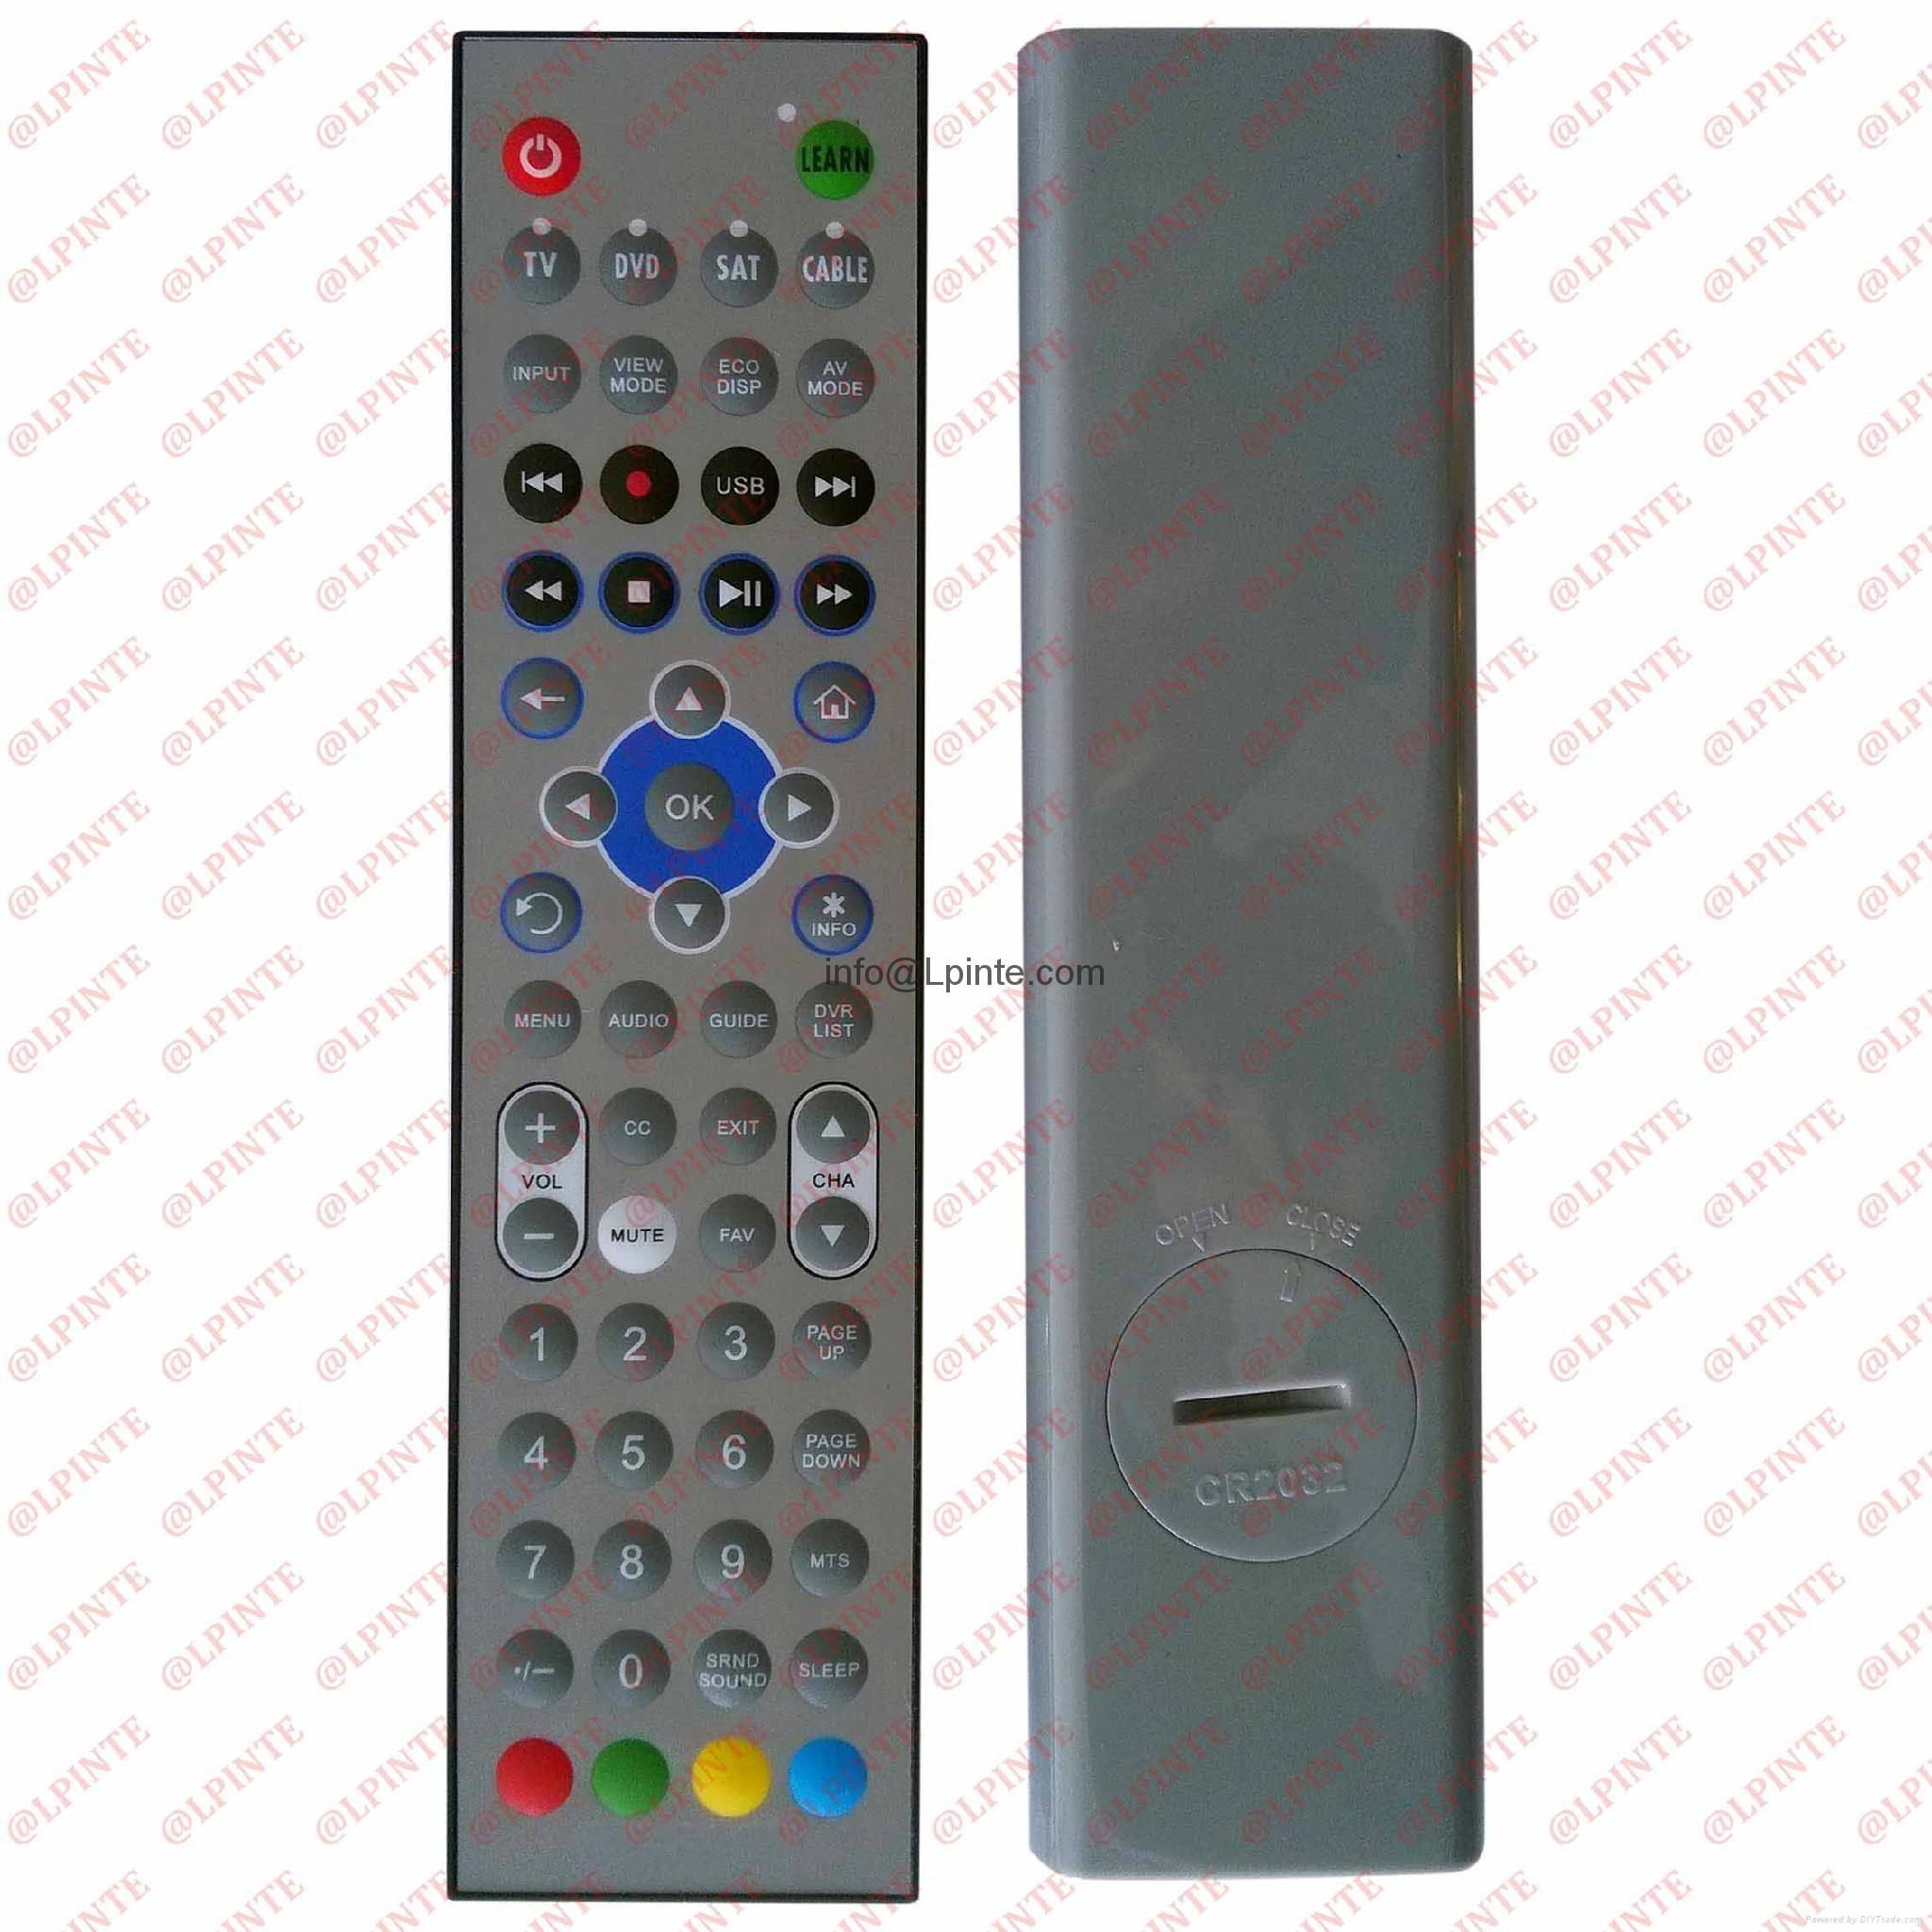 waterproof  remote control LPI-W061 bathroom tv outdoor tv  STB TV washable 1